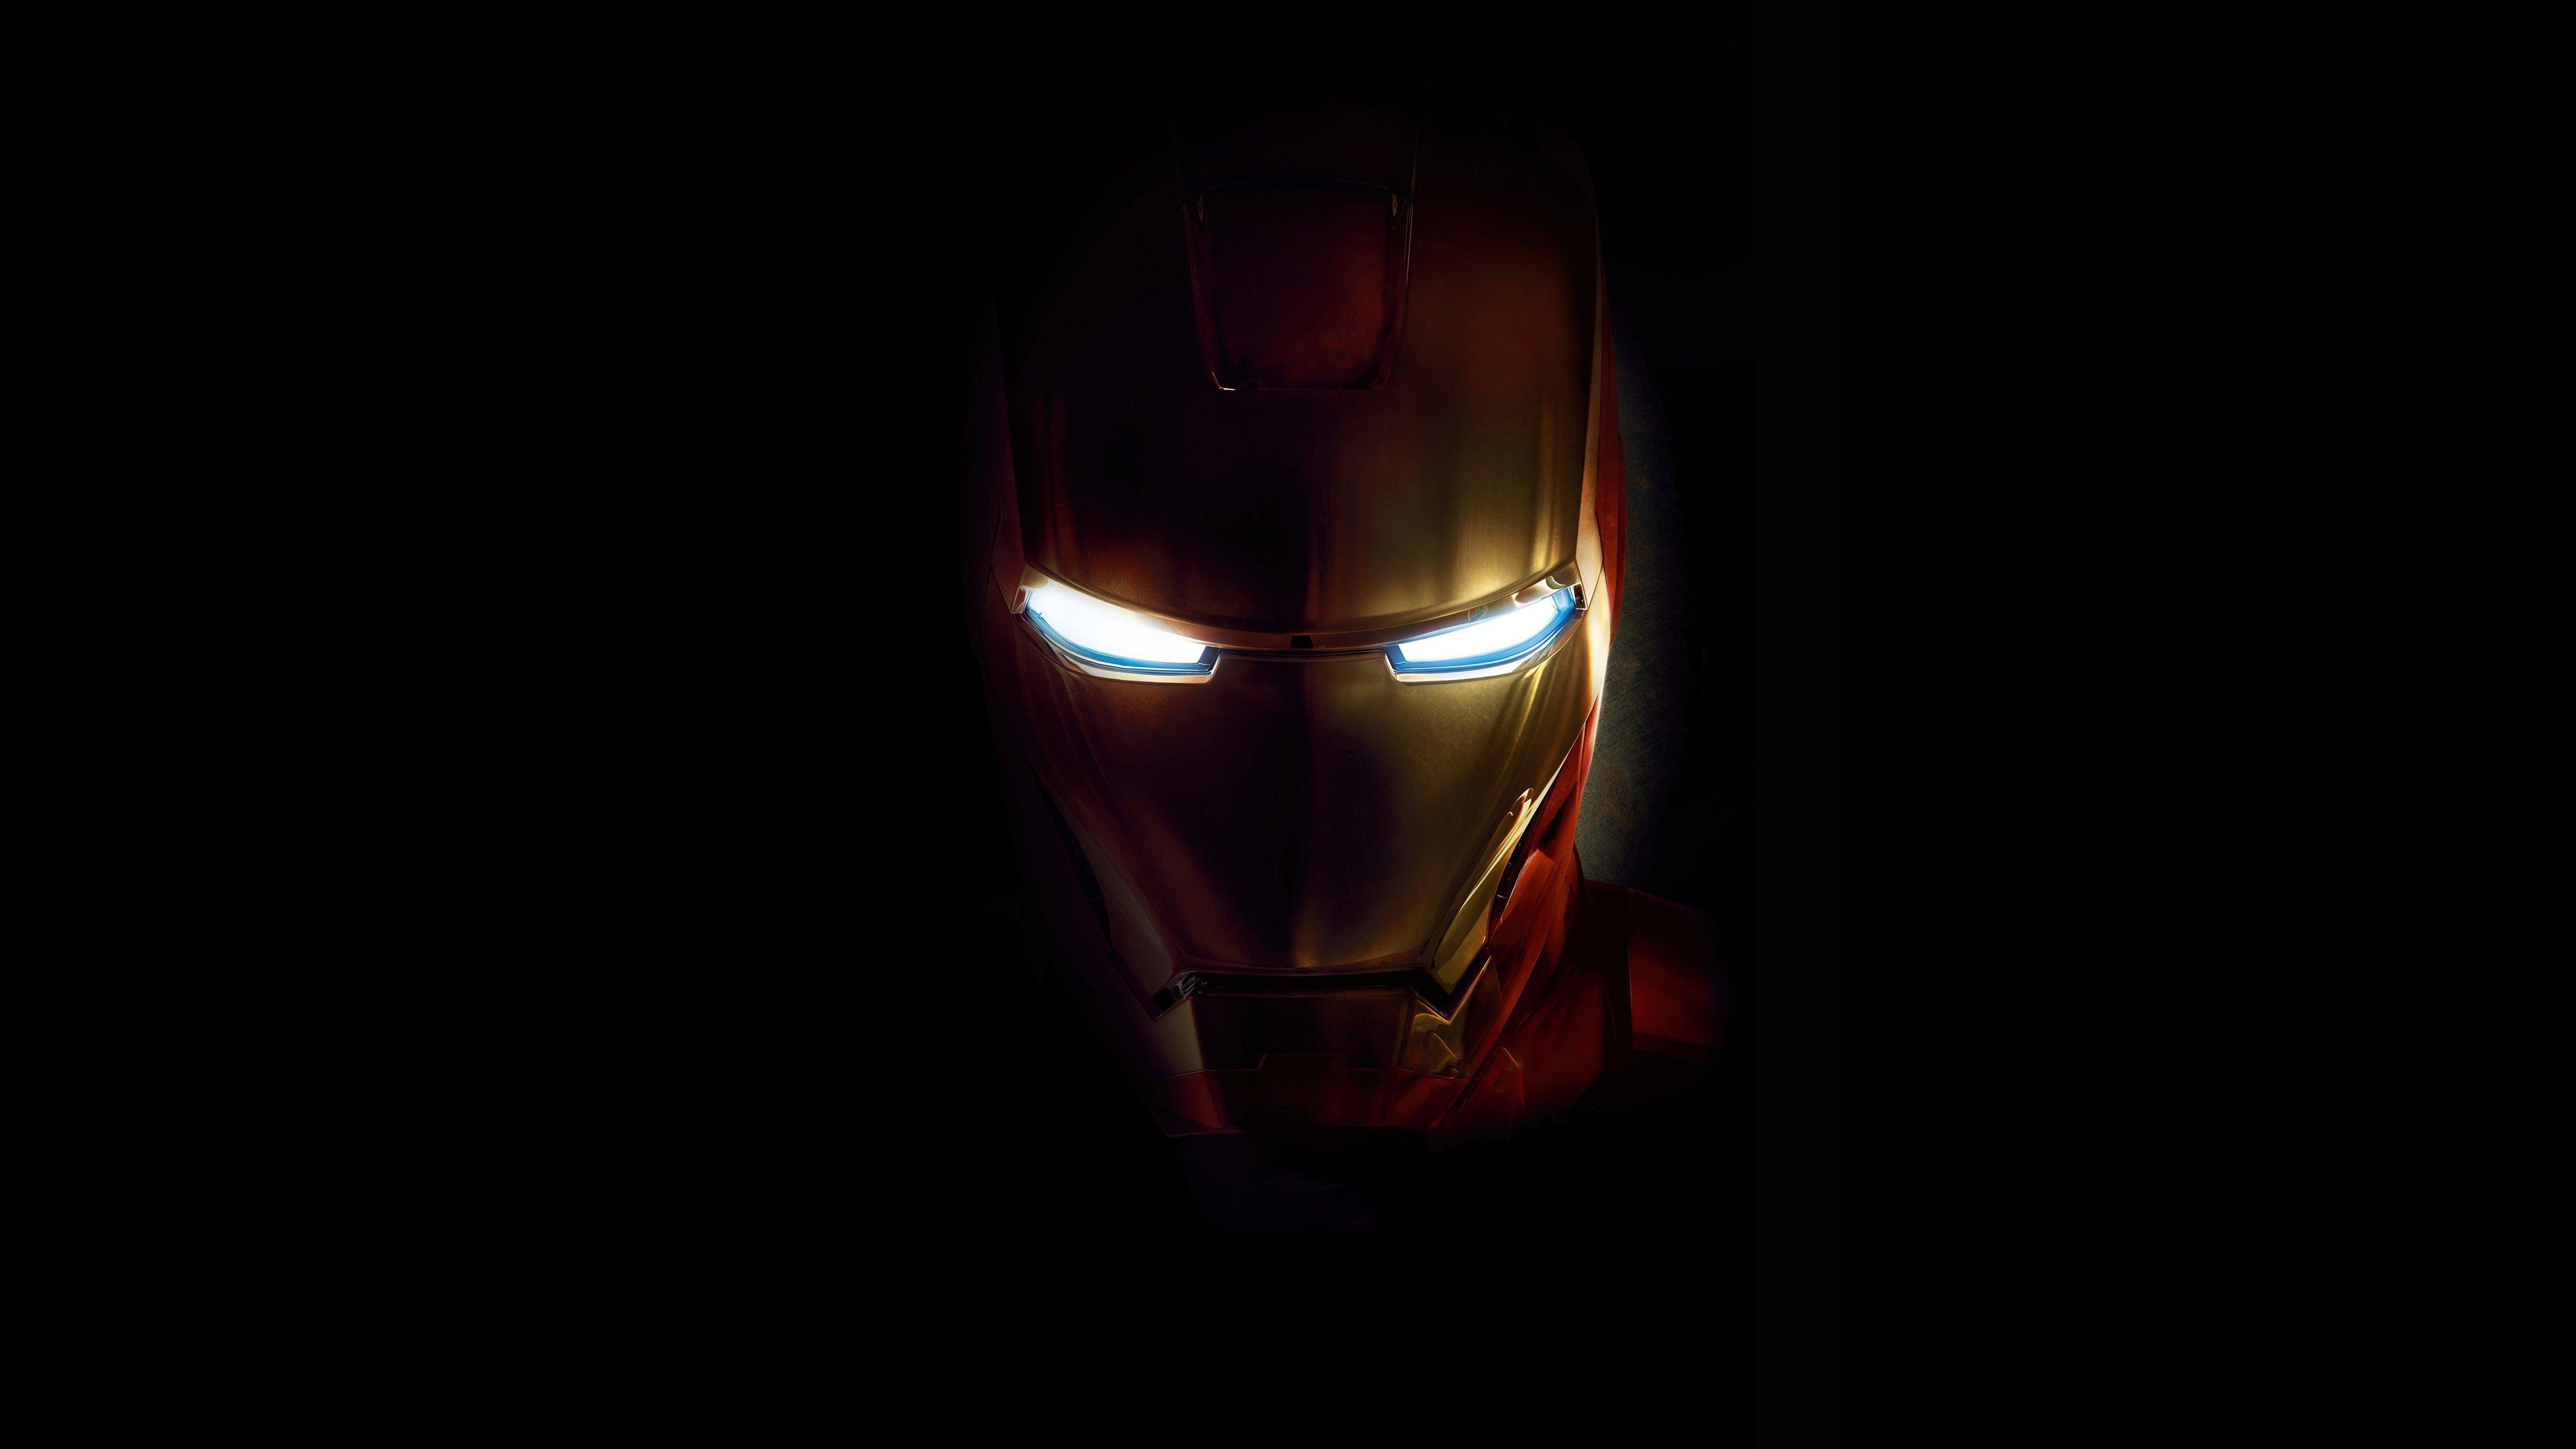 Fondos de pantalla Iron man en la oscuridad